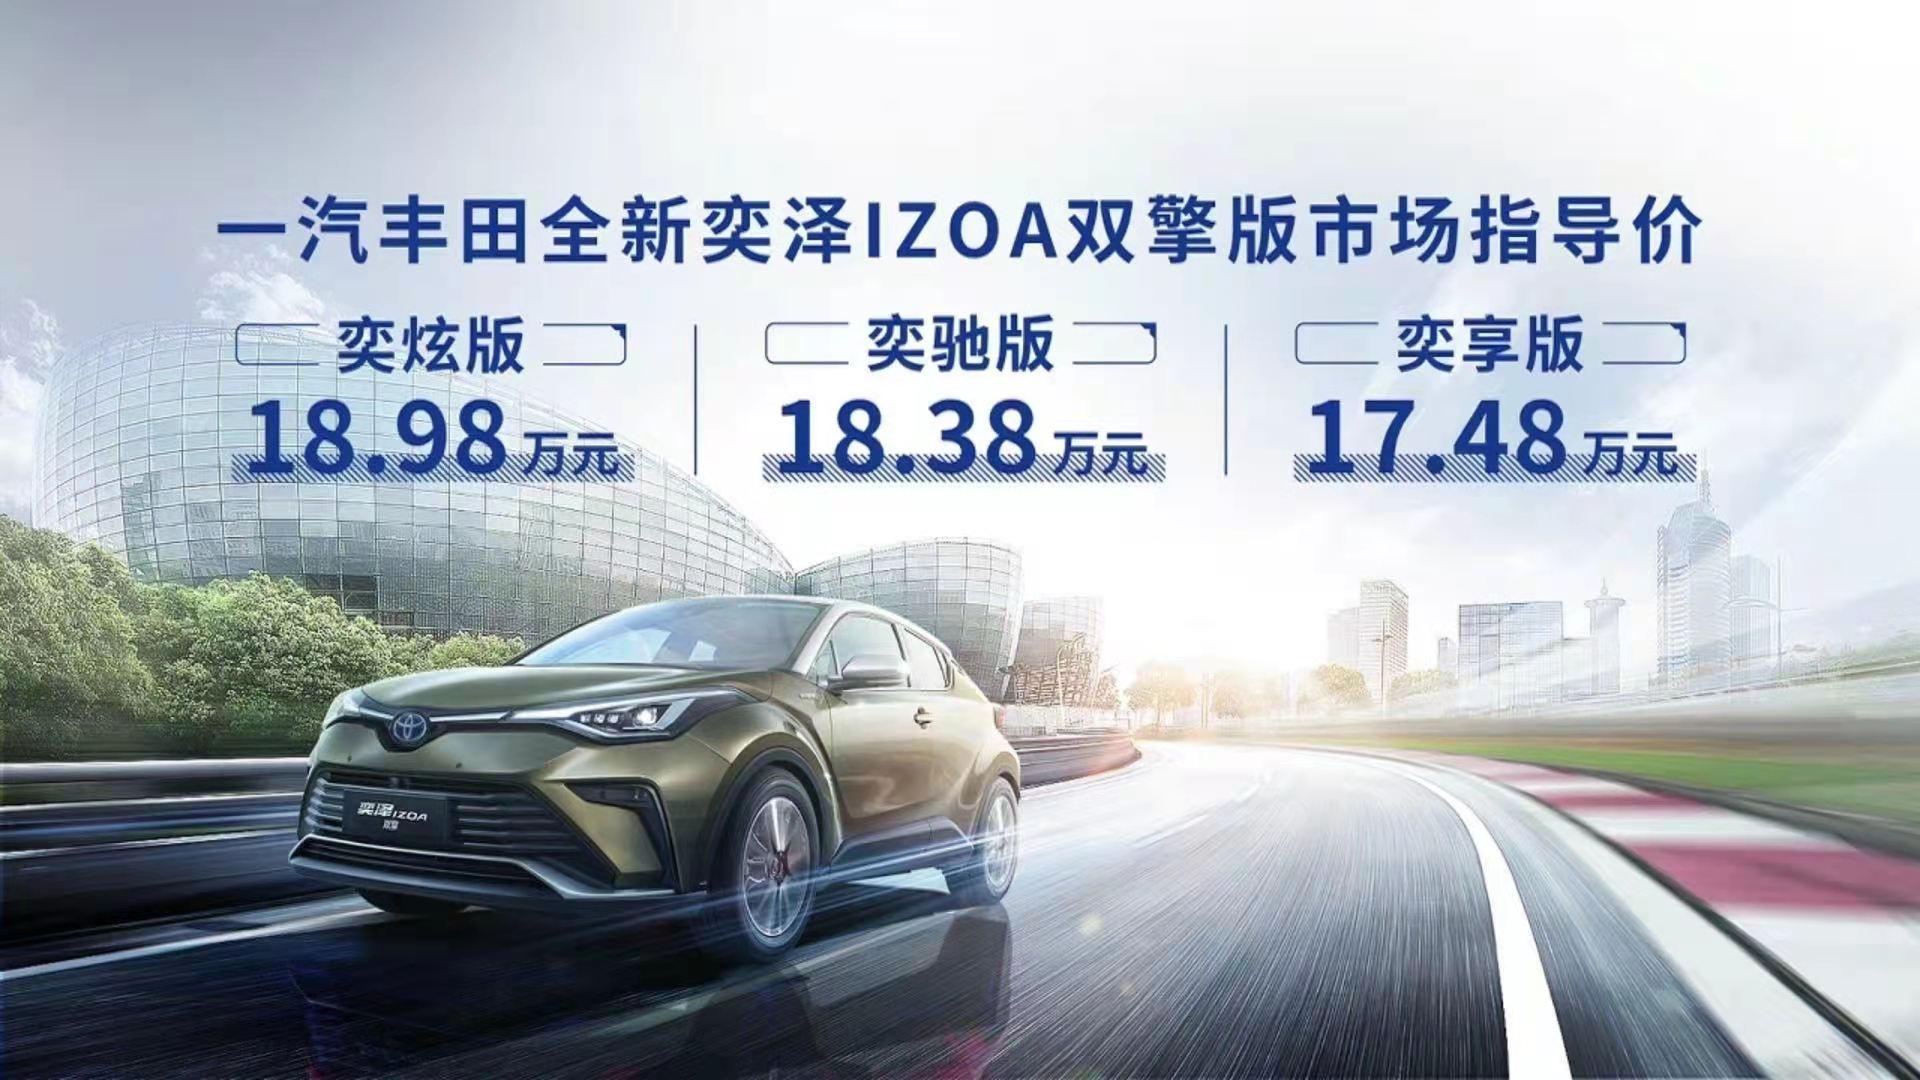 全新奕泽IZOA正式上市 双擎版售17.48万-18.98万元